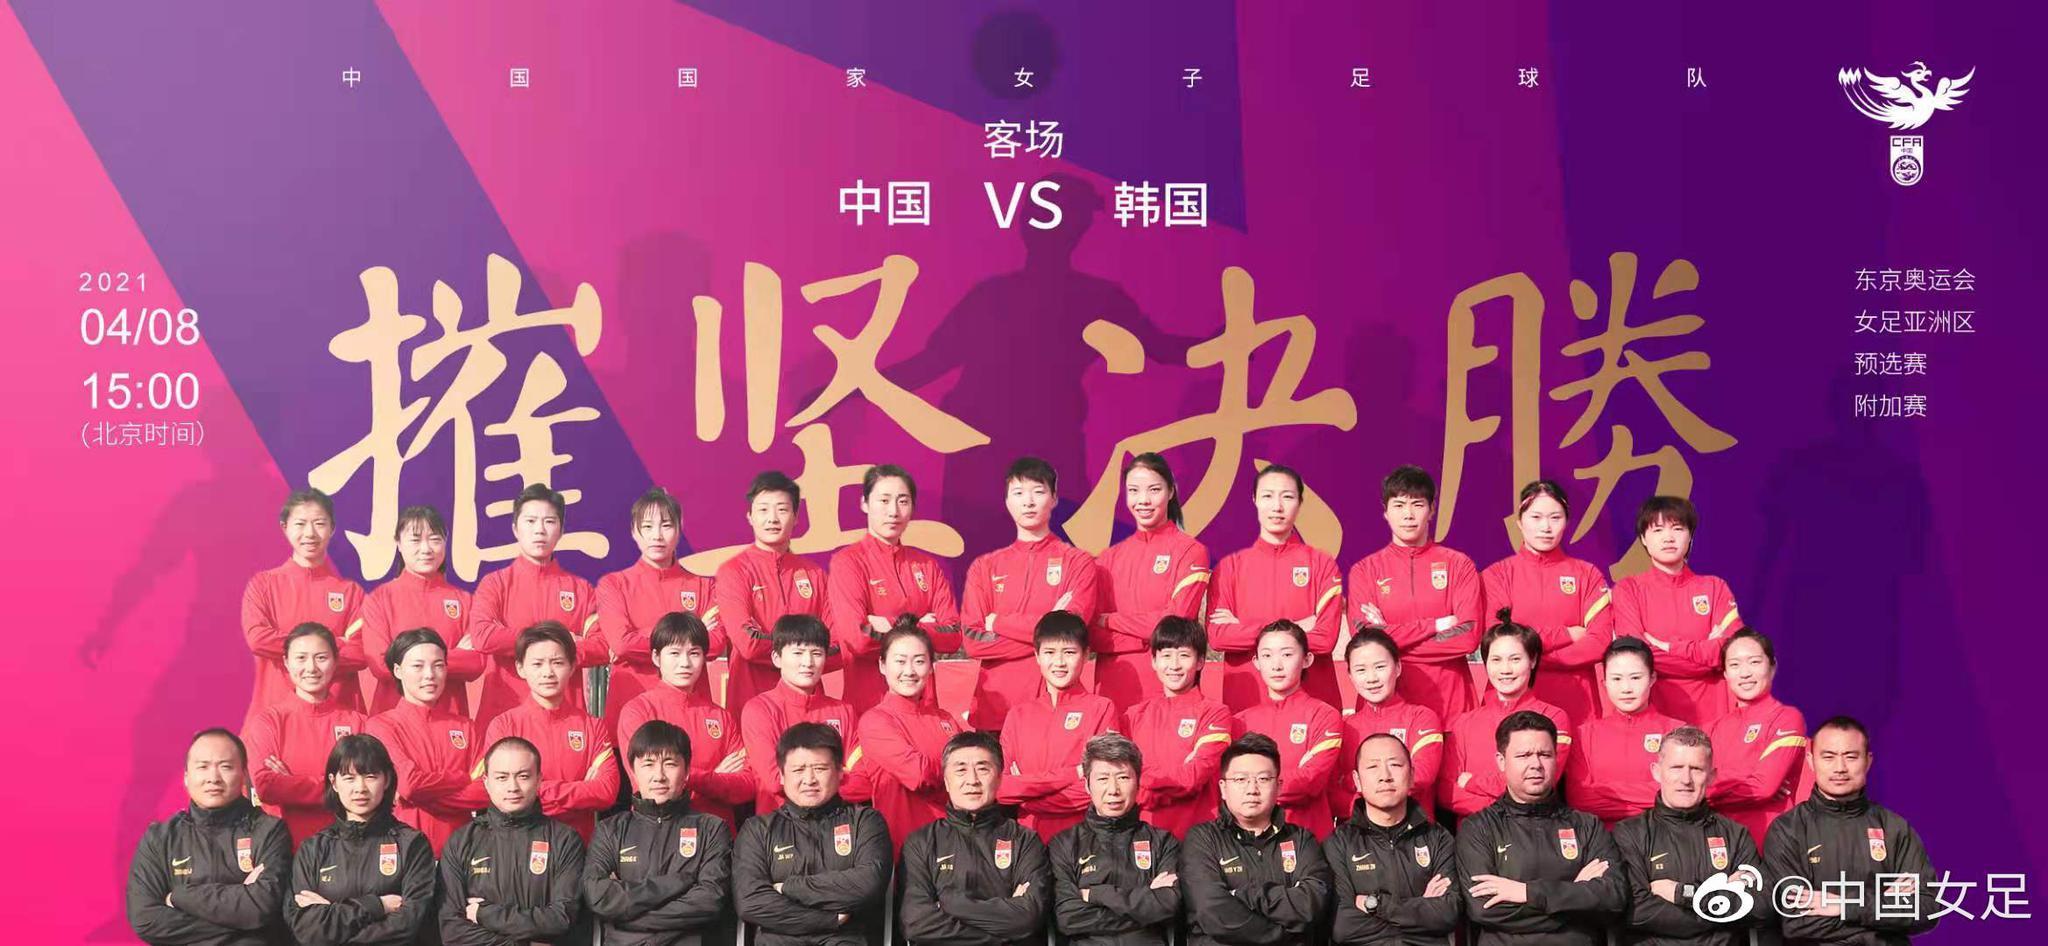 时隔420天再登场!中国女足迎冲击东京奥运终极之战图片